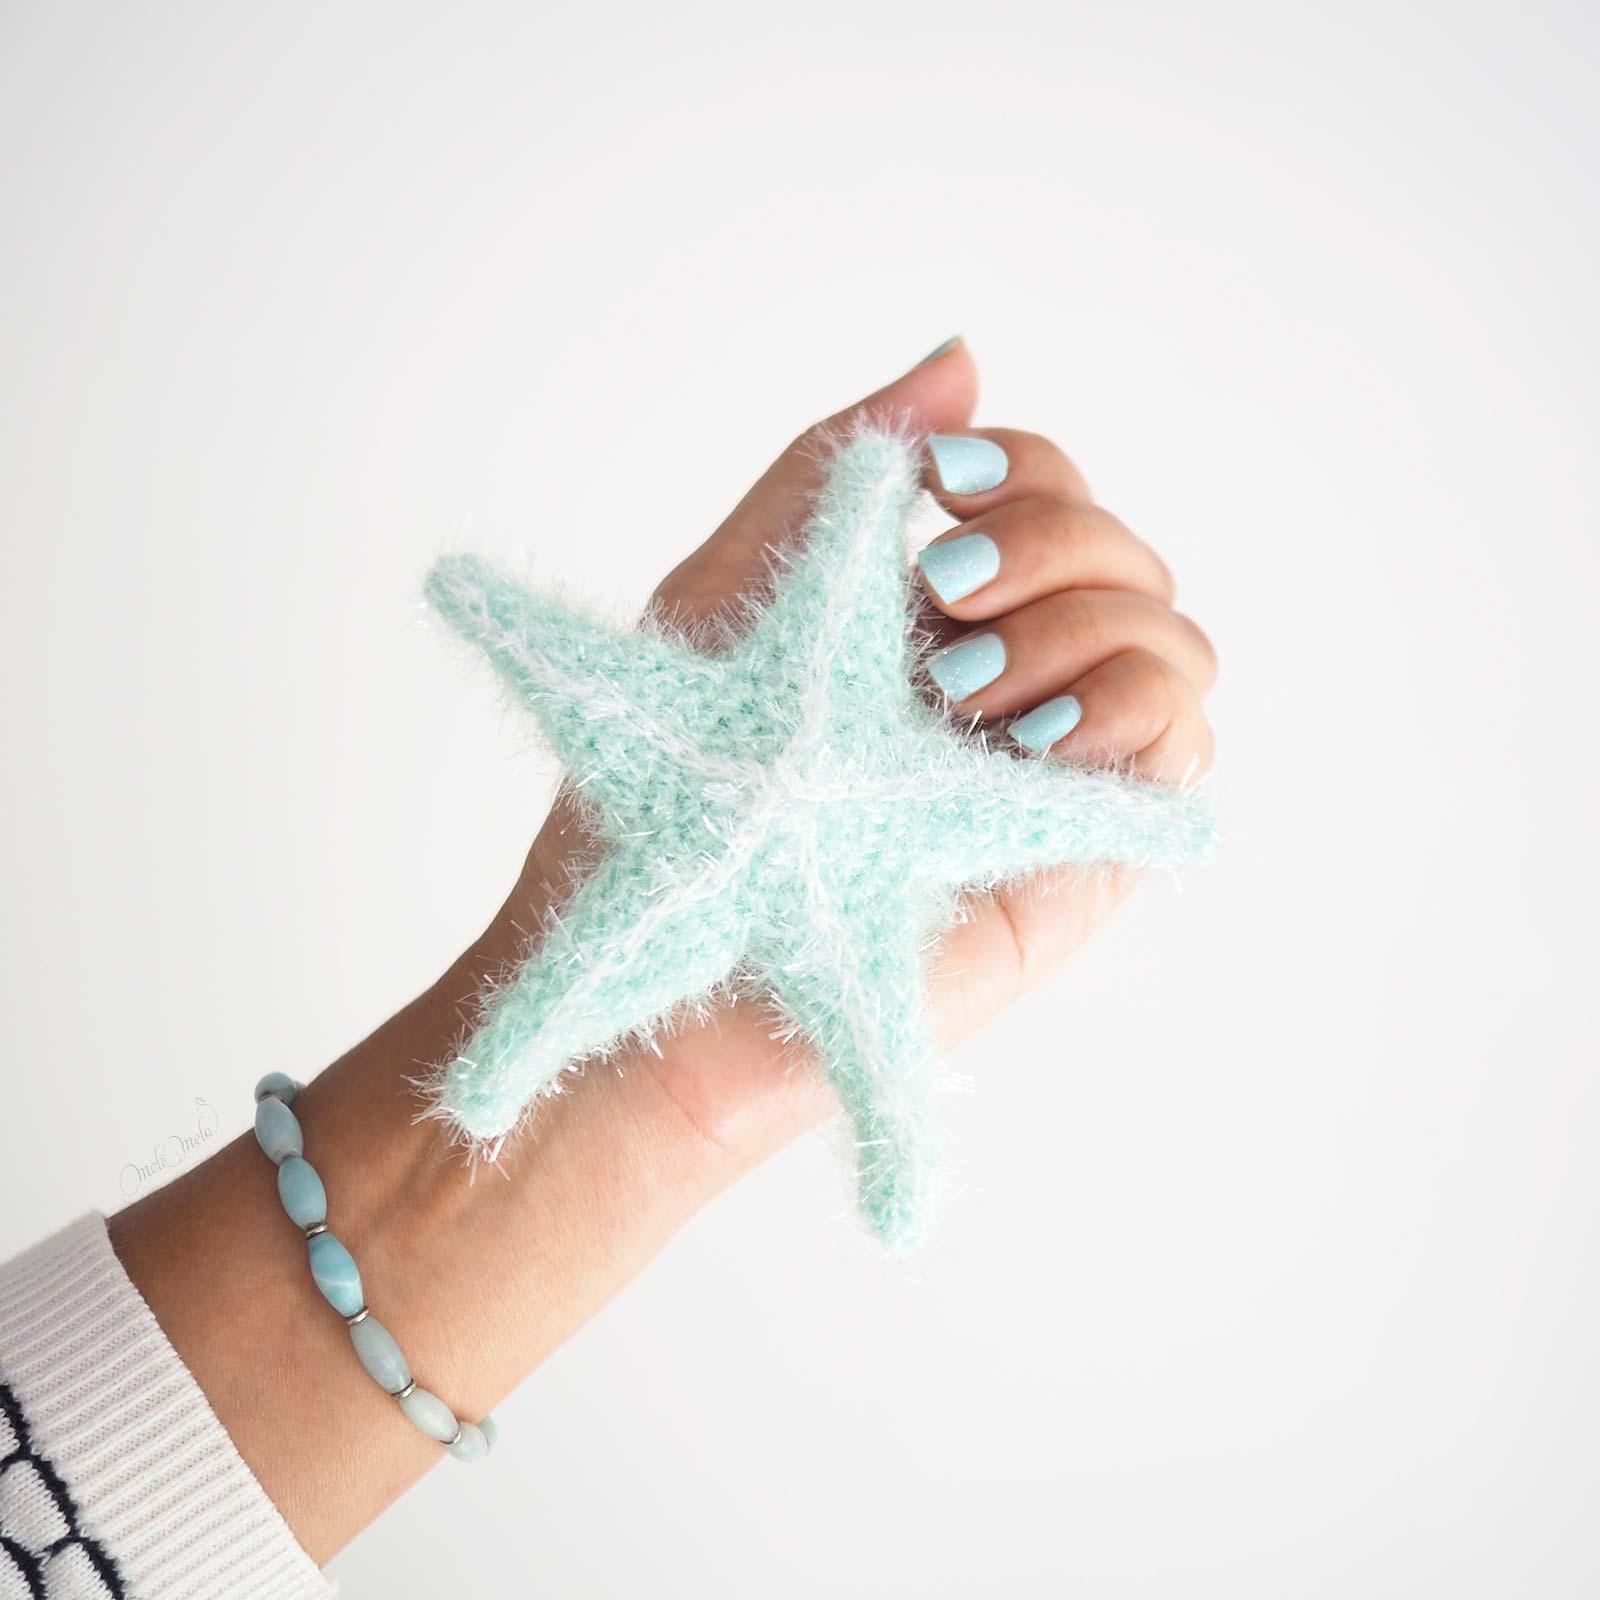 taille en main éponge tawashi exfoliante pour corps étoile de mer mint starfish creative bubble Rico Design laboutiquedemelimelo